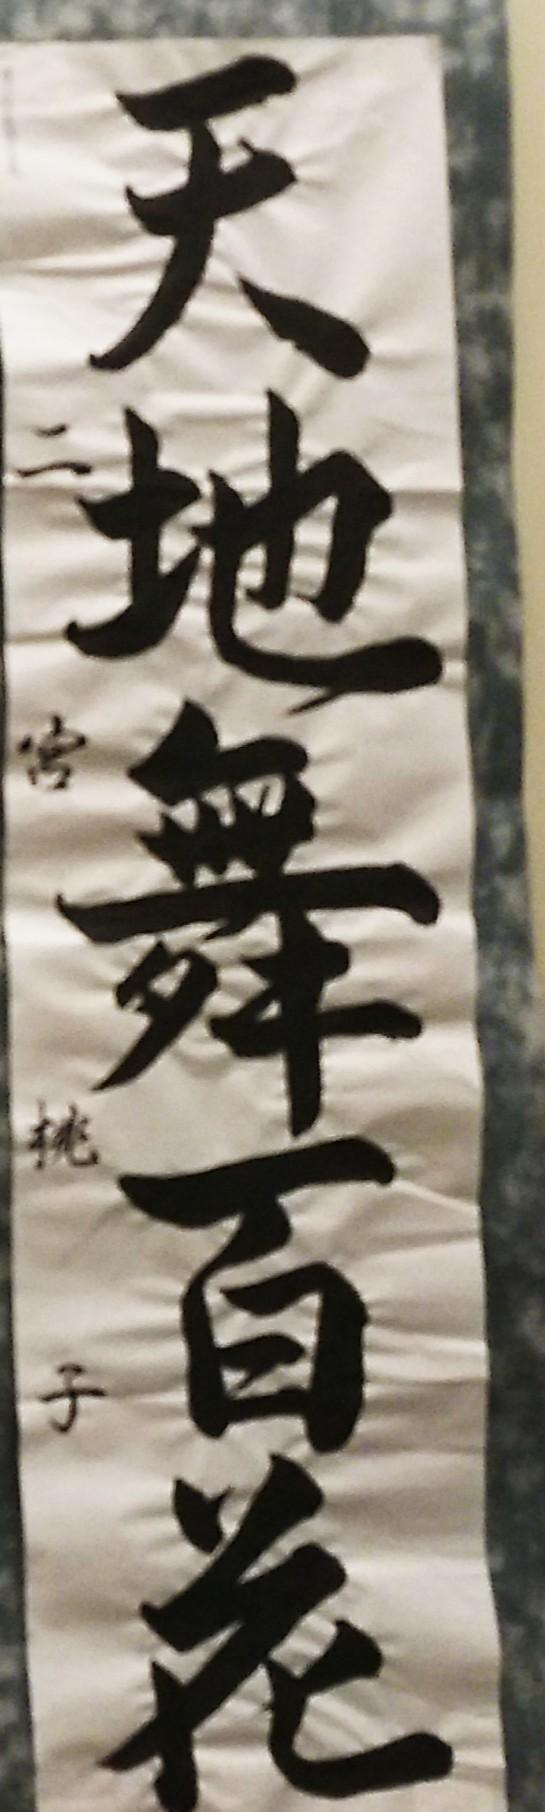 神戸から、神戸市学生書初め展 at そごう_a0098174_18445532.jpg